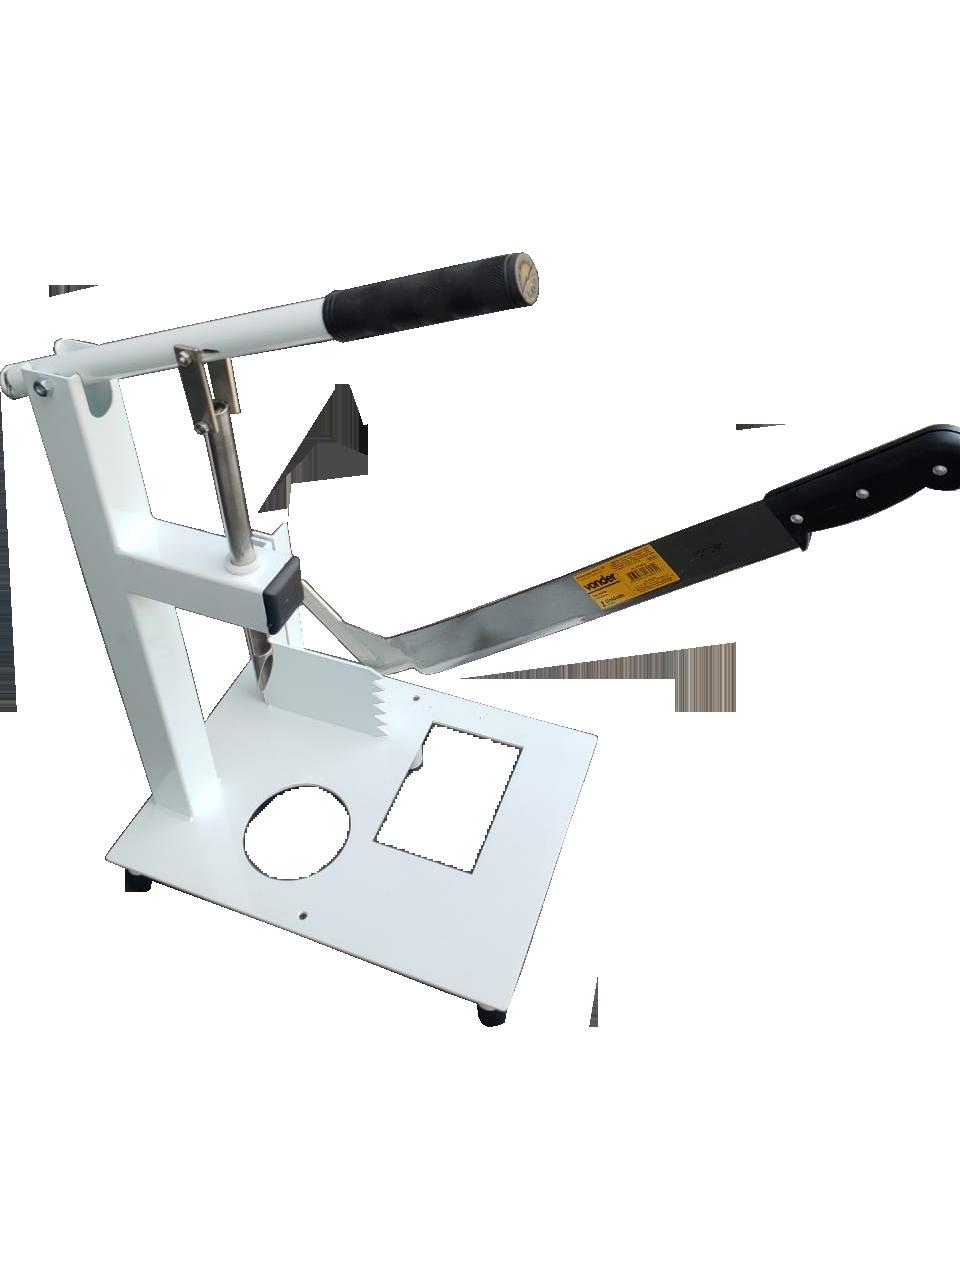 Furador De Coco Profissional Com Facão Para Cortar Coco  - Controlpot Maquinas e Batedores Milk Shake e Furador de Côco